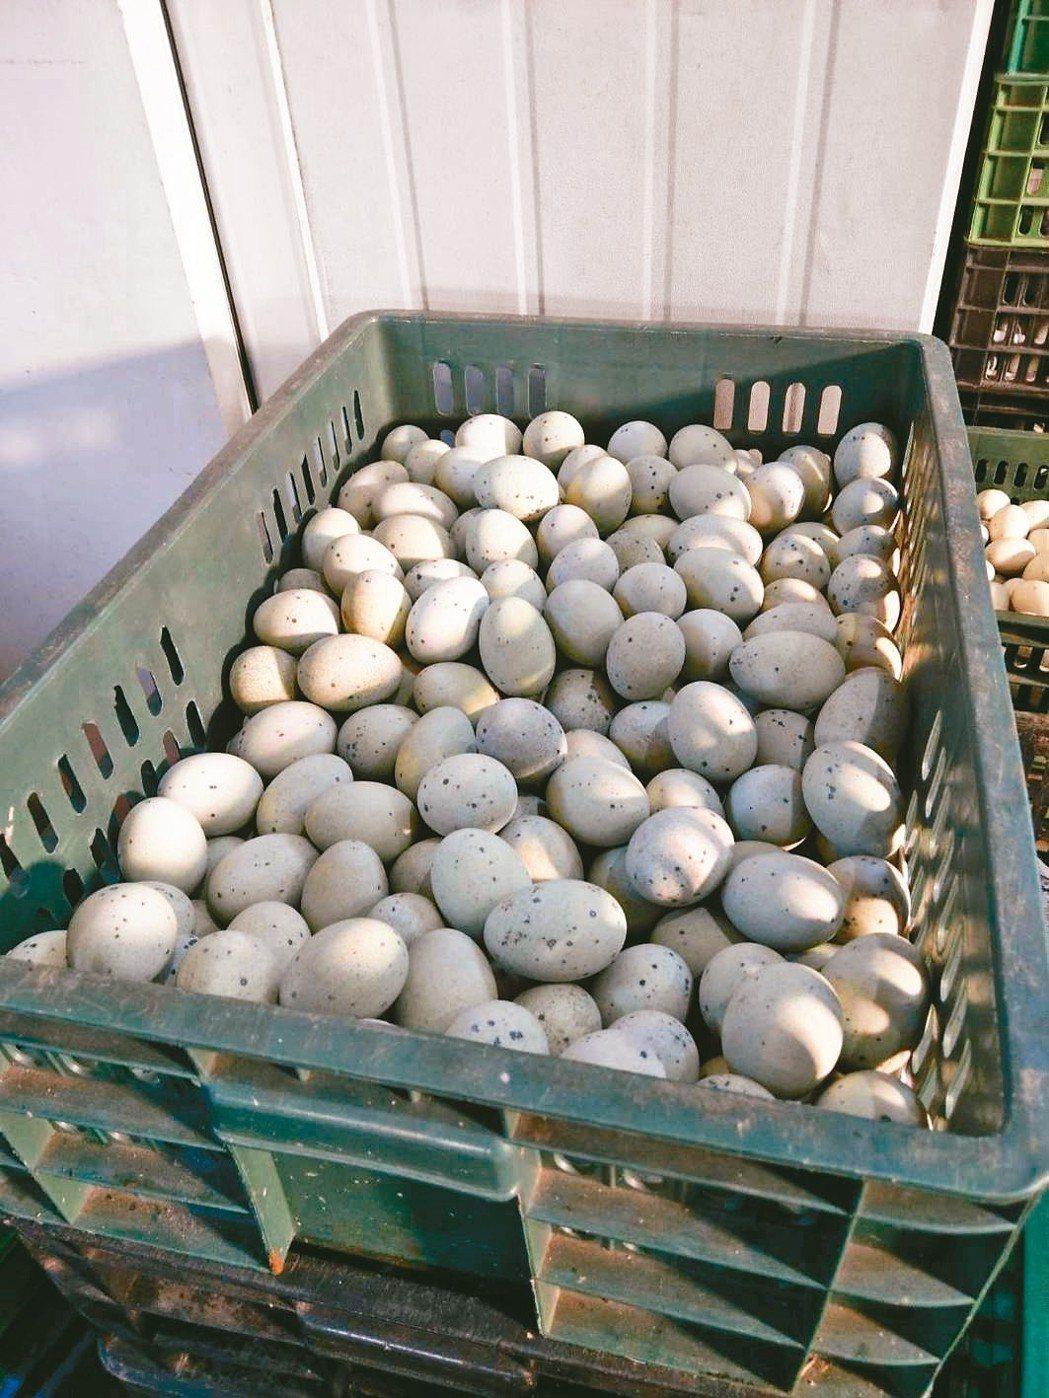 元山蛋商將發霉的雞蛋回收放在冰庫保存,待周末打成蛋液銷售。 記者曾健祐/翻攝